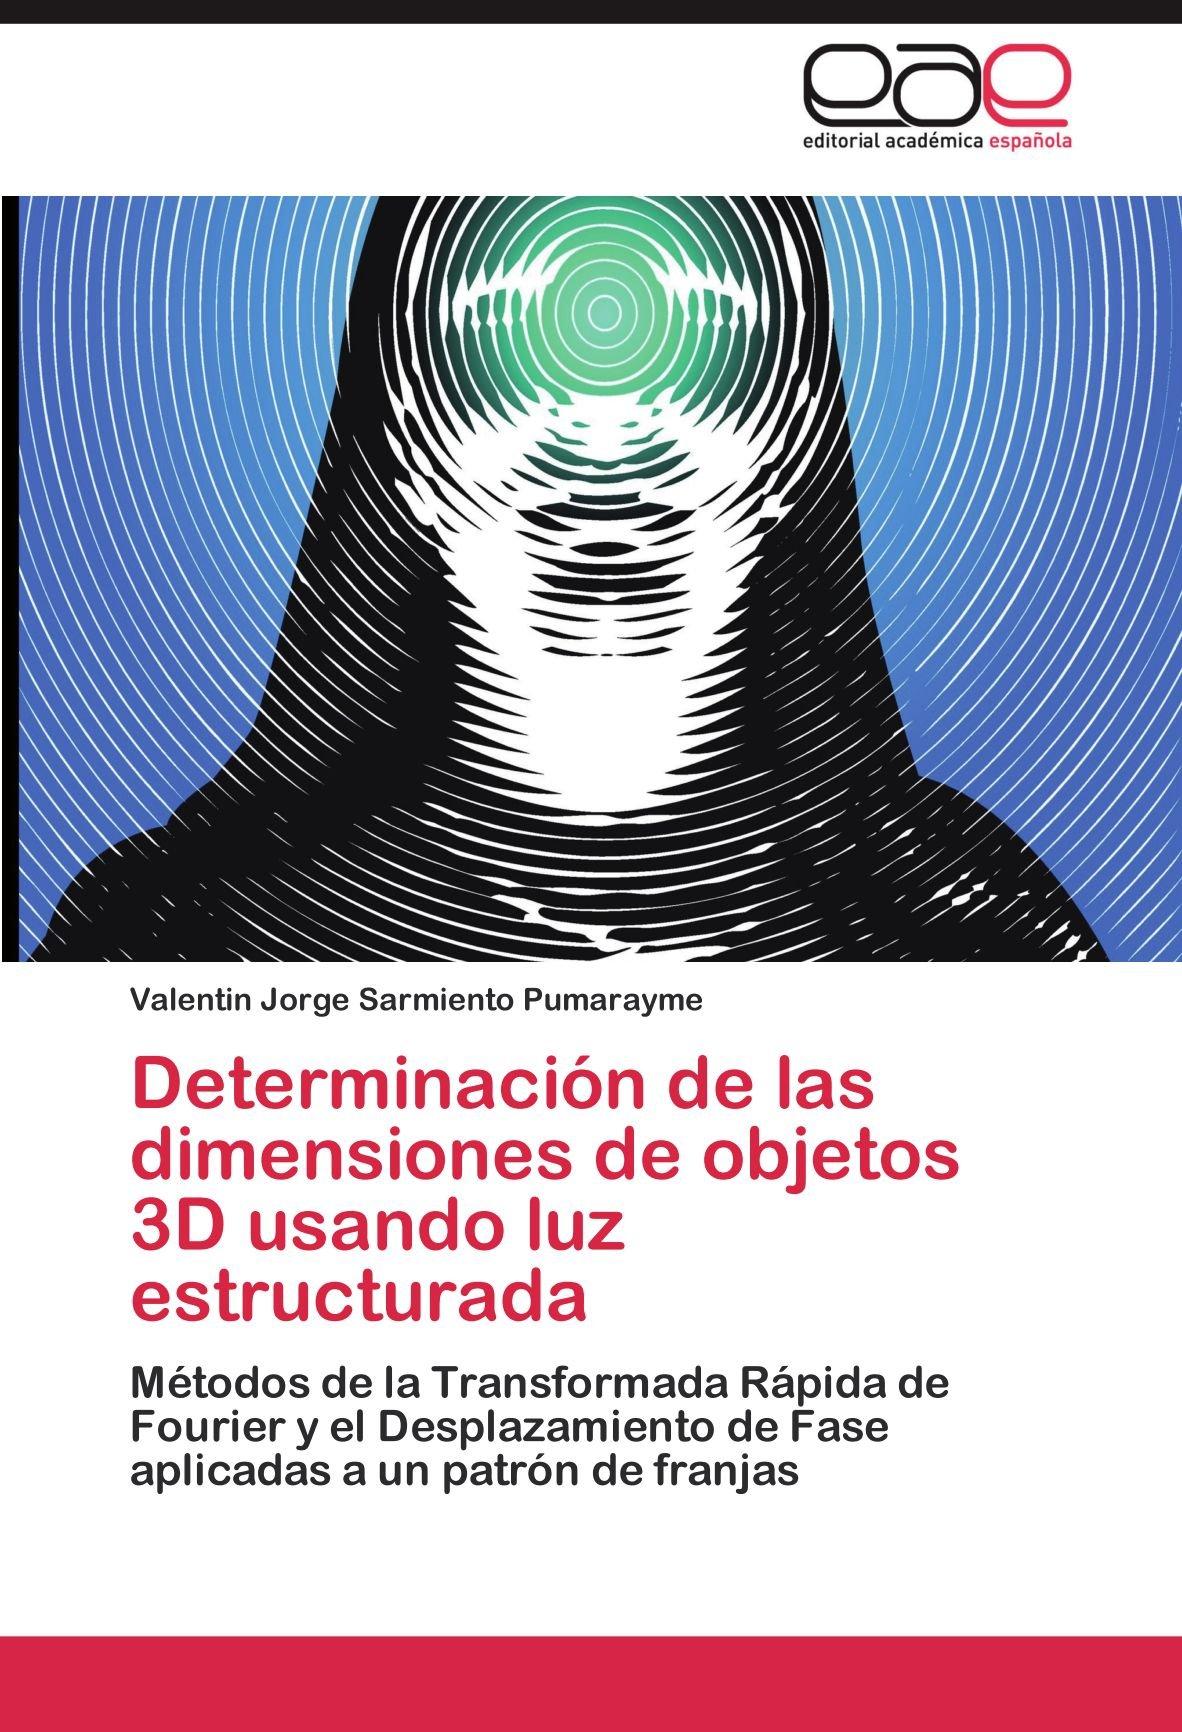 Determinación de las dimensiones de objetos 3D usando luz estructurada: Métodos de la Transformada Rápida de Fourier y el Desplazamiento de Fase aplicadas a un patrón de franjas (Spanish Edition) PDF